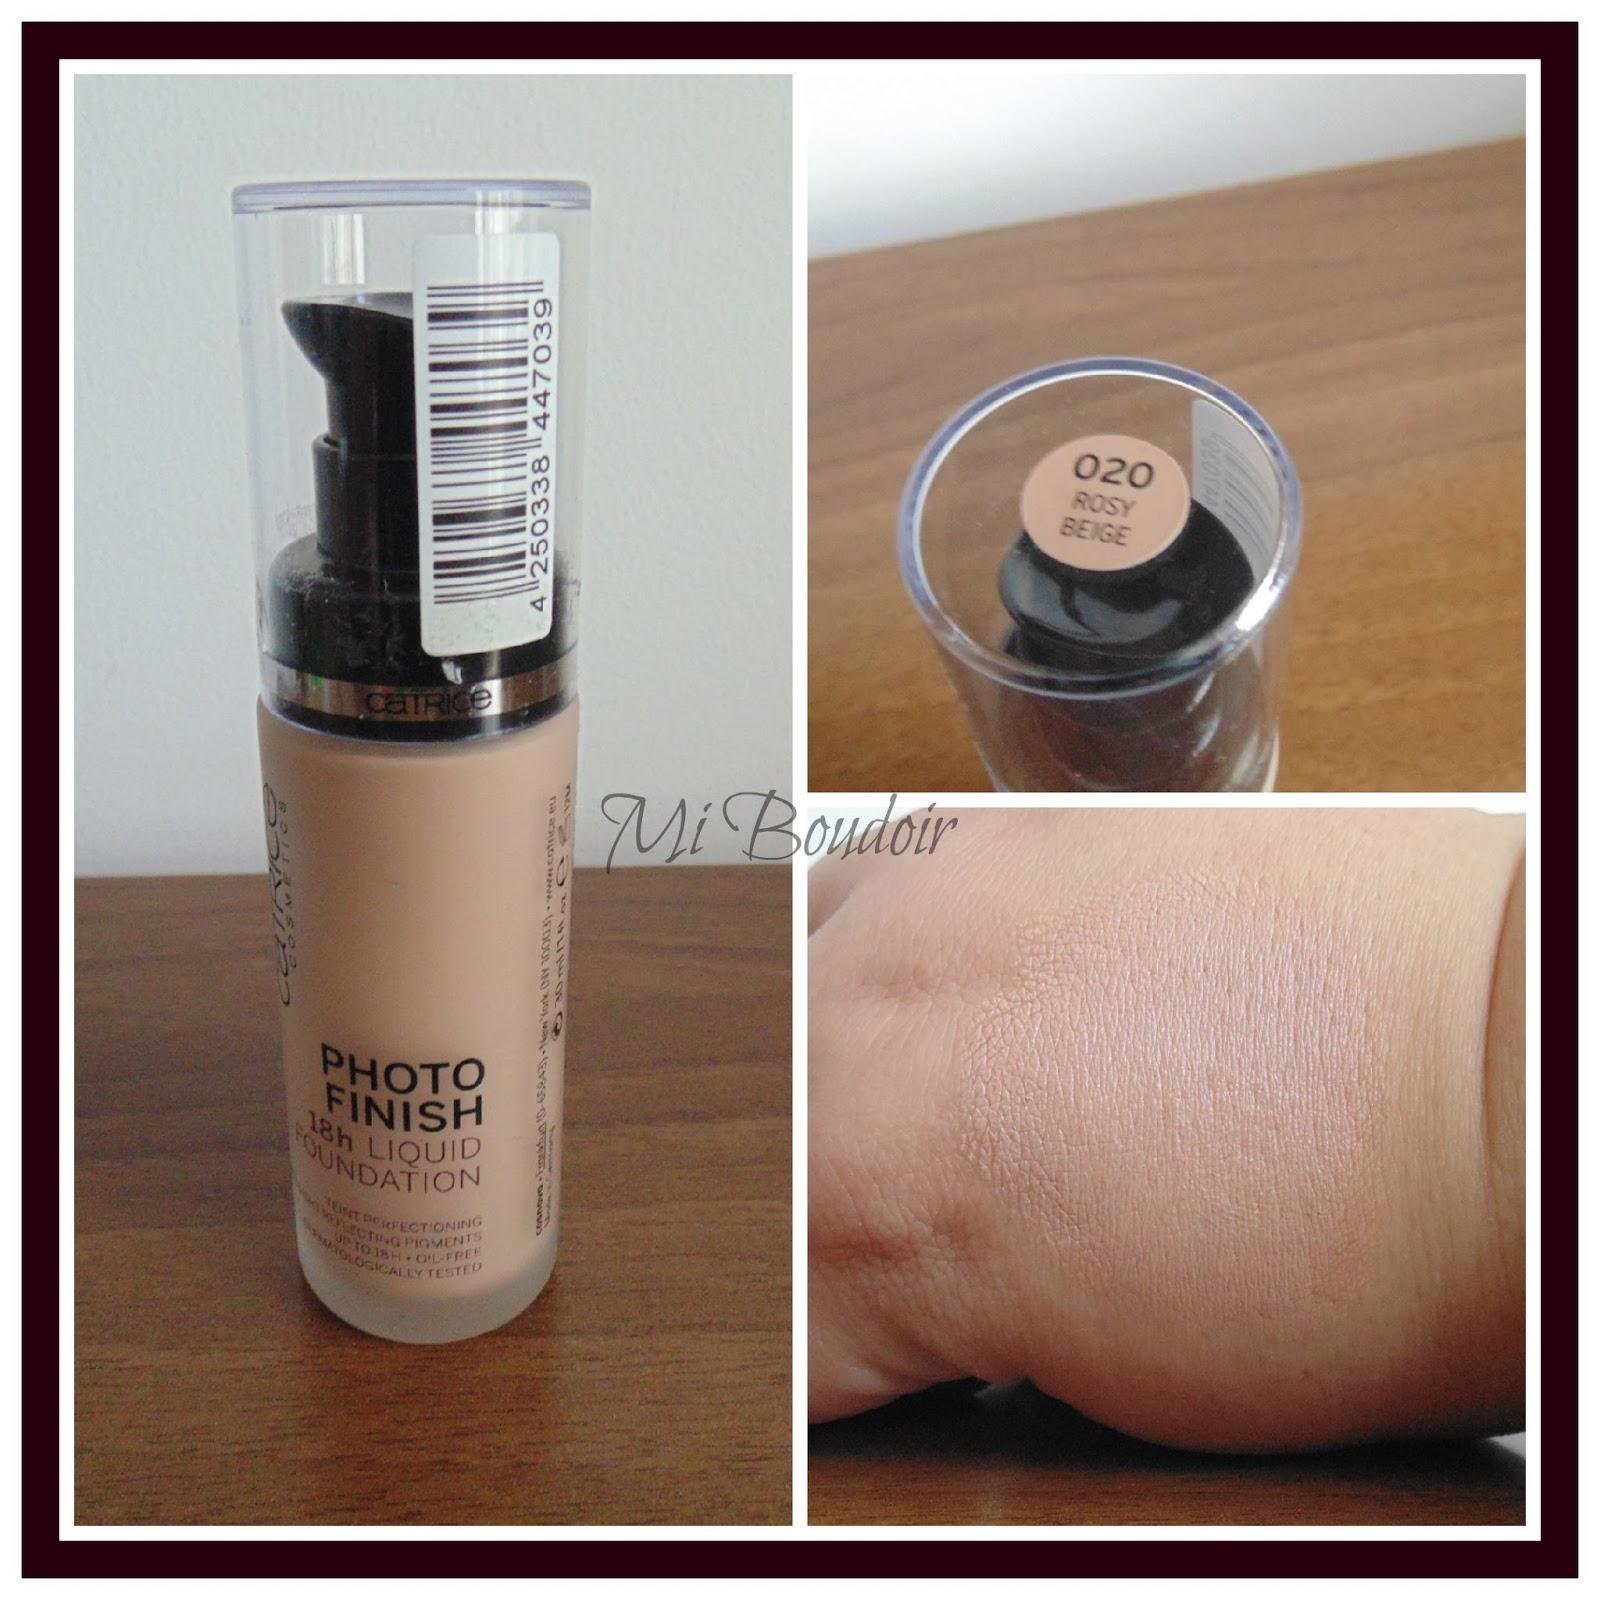 Base maquillaje Photofinish Catrice 020 Rosy Beige